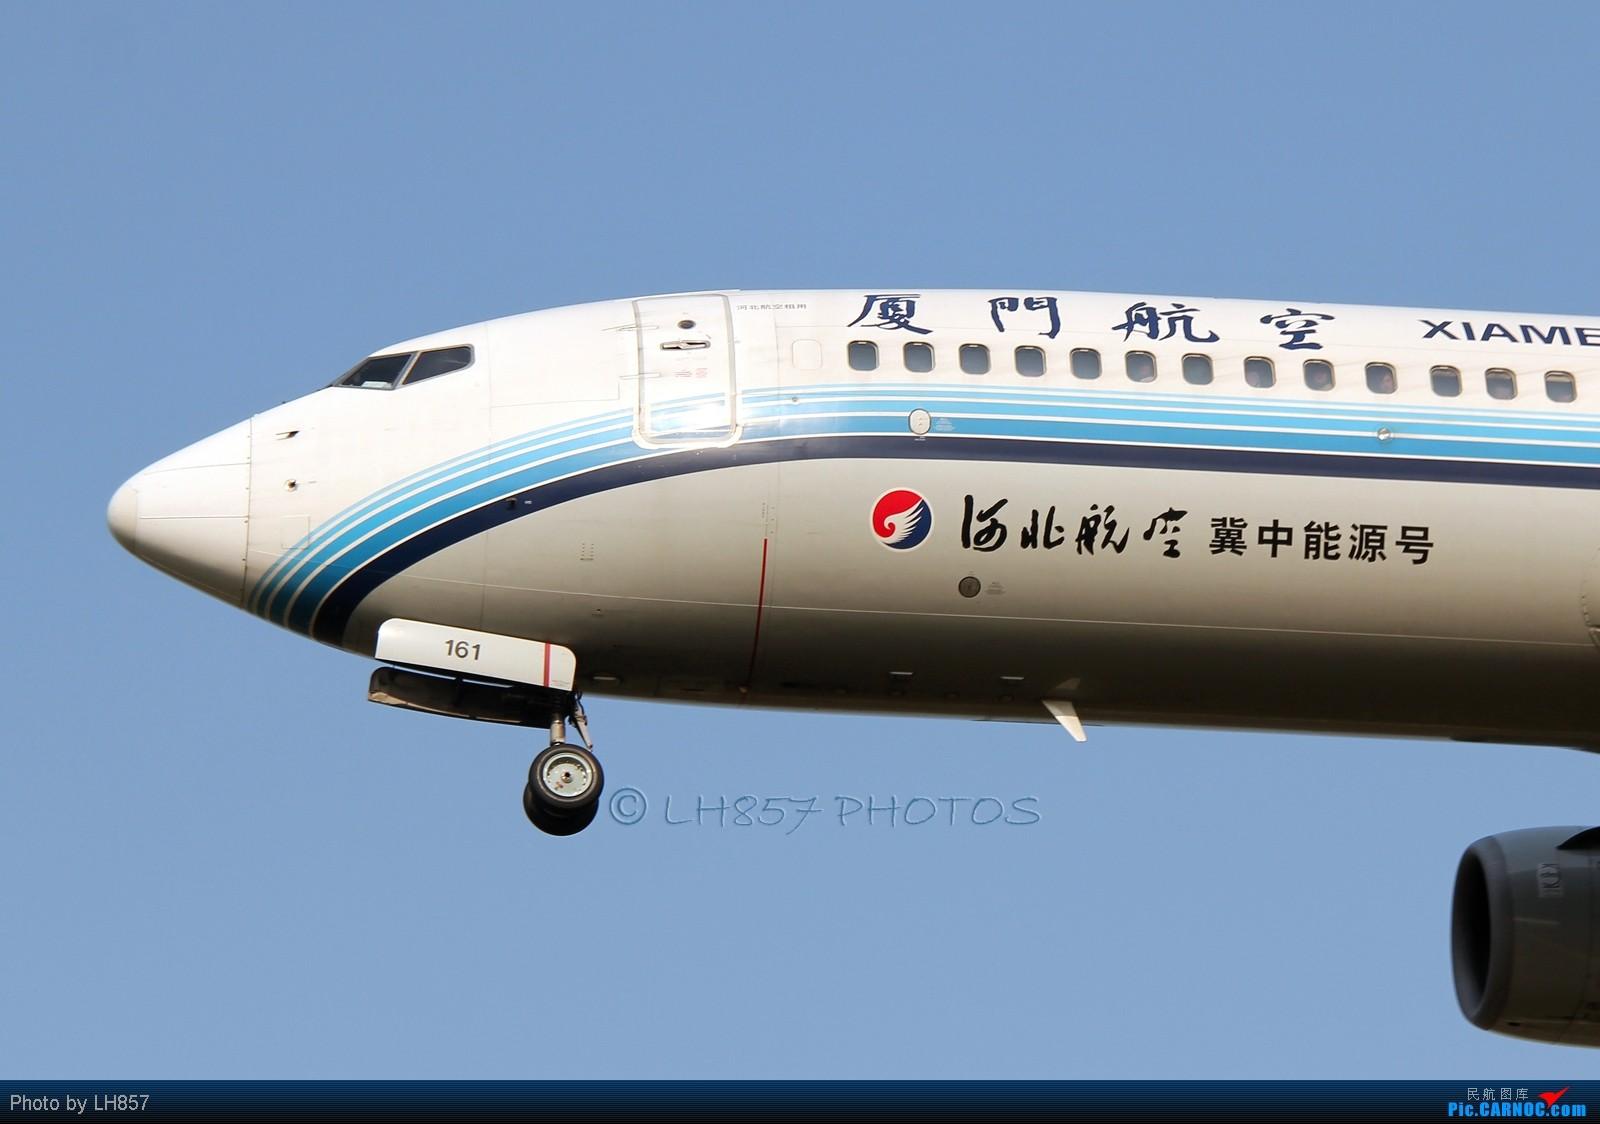 [原创]好天气下蛋疼的石家庄总是有亮点 1600大图 BOEING 737-800 B-5161 中国石家庄正定机场